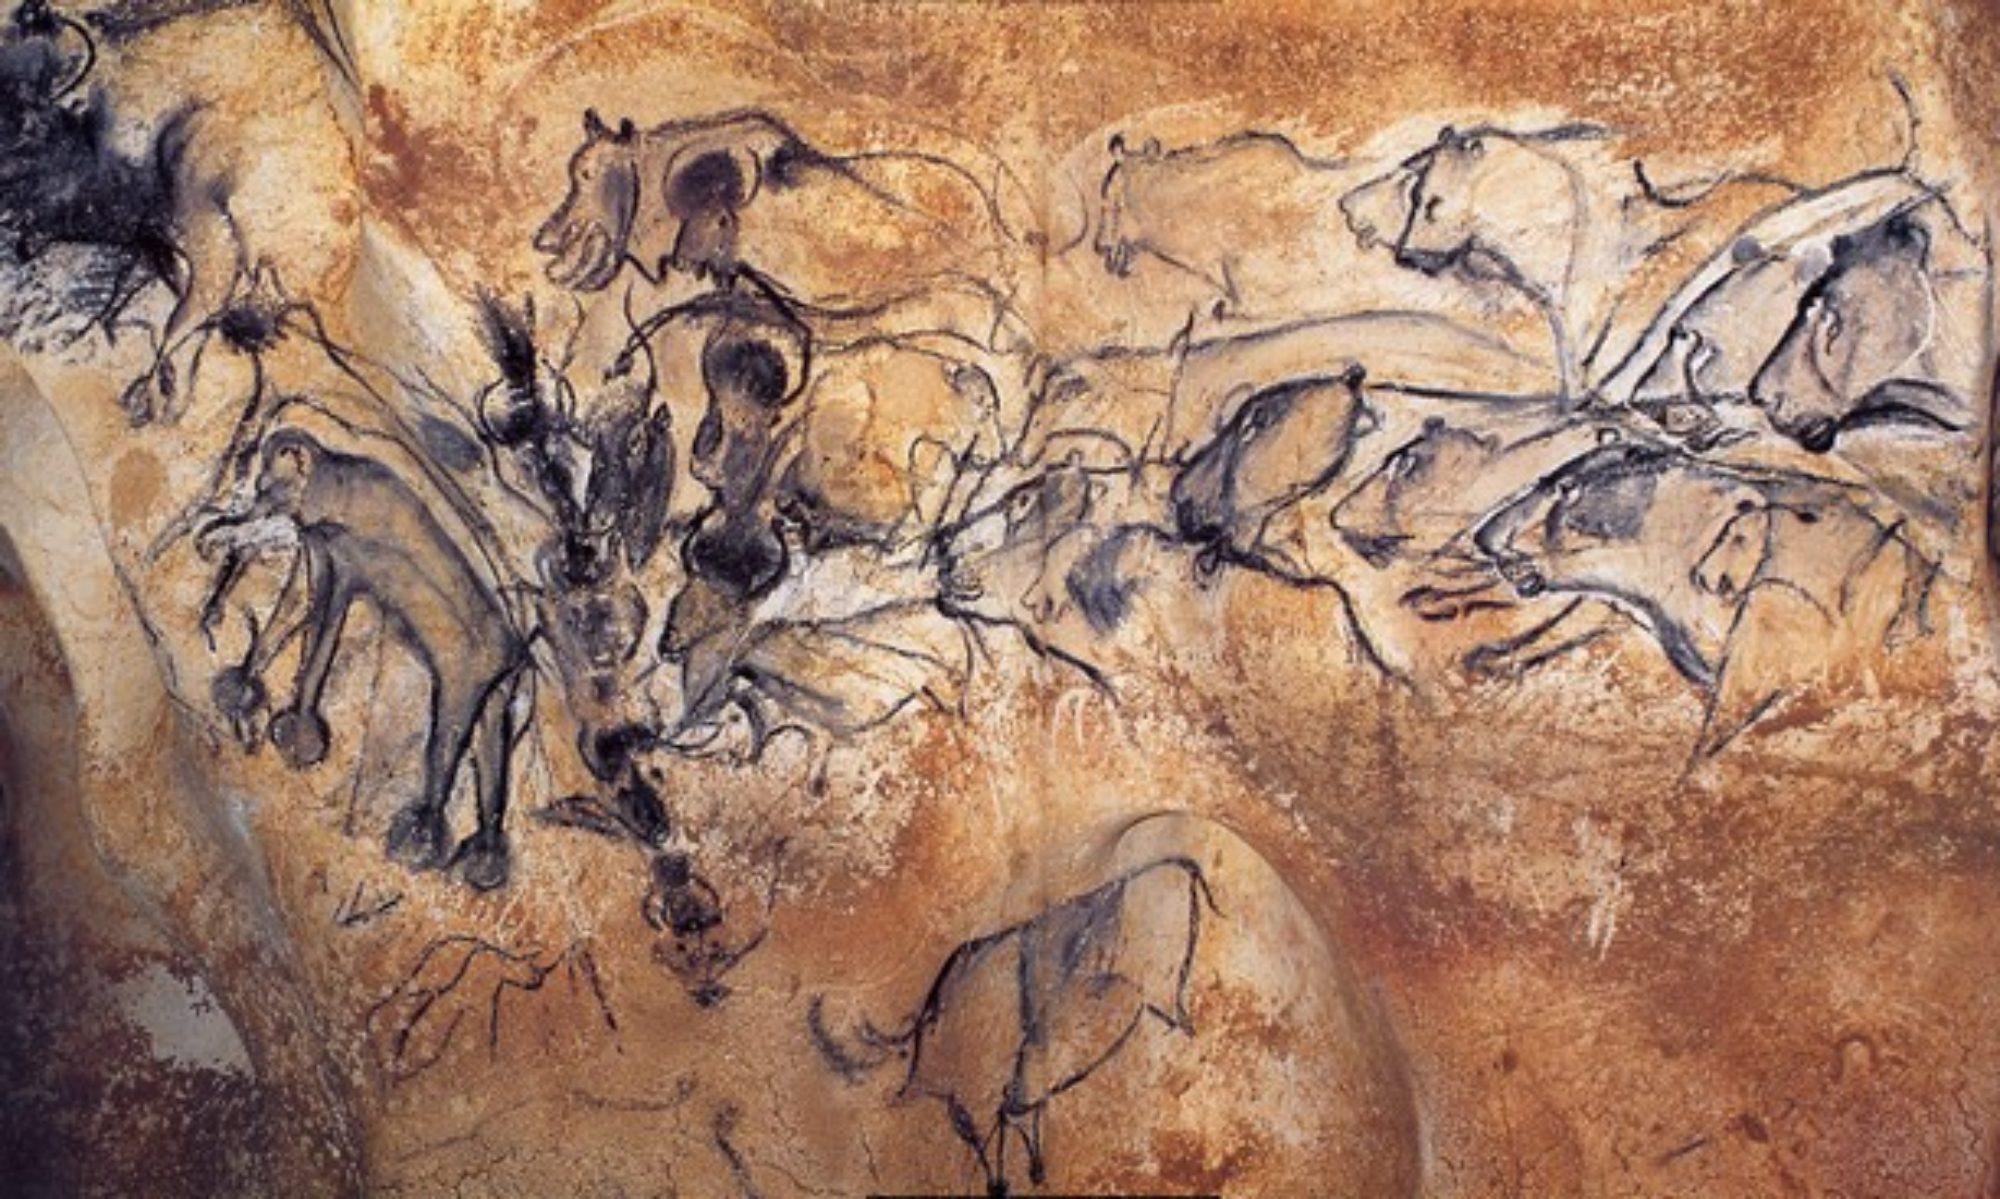 Épistémologie et esthétique de la préhistoire